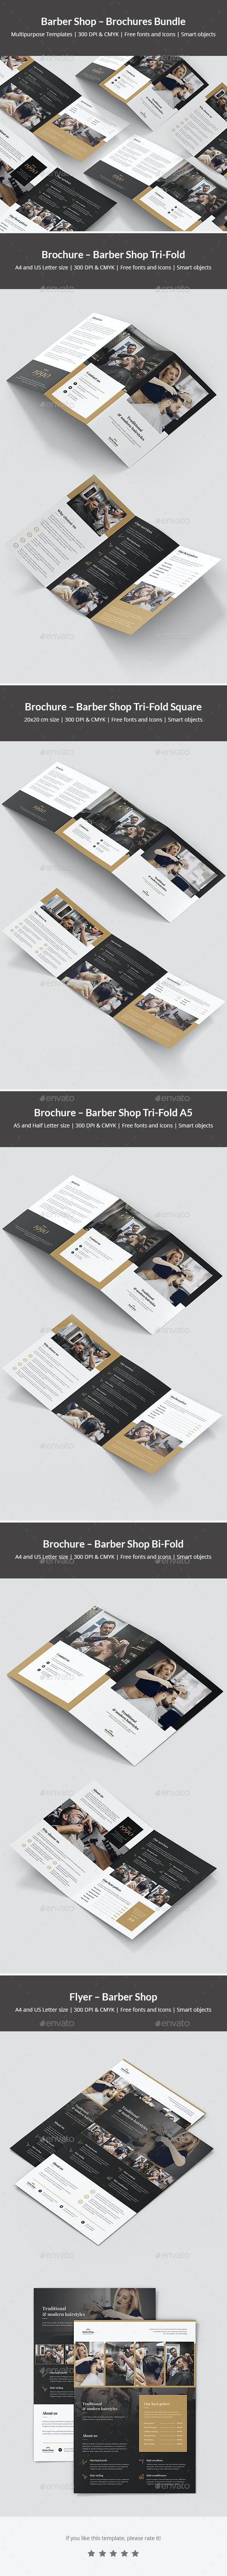 Barber Shop – Brochures Bundle Print Templates 5 in 1 - Corporate Brochures